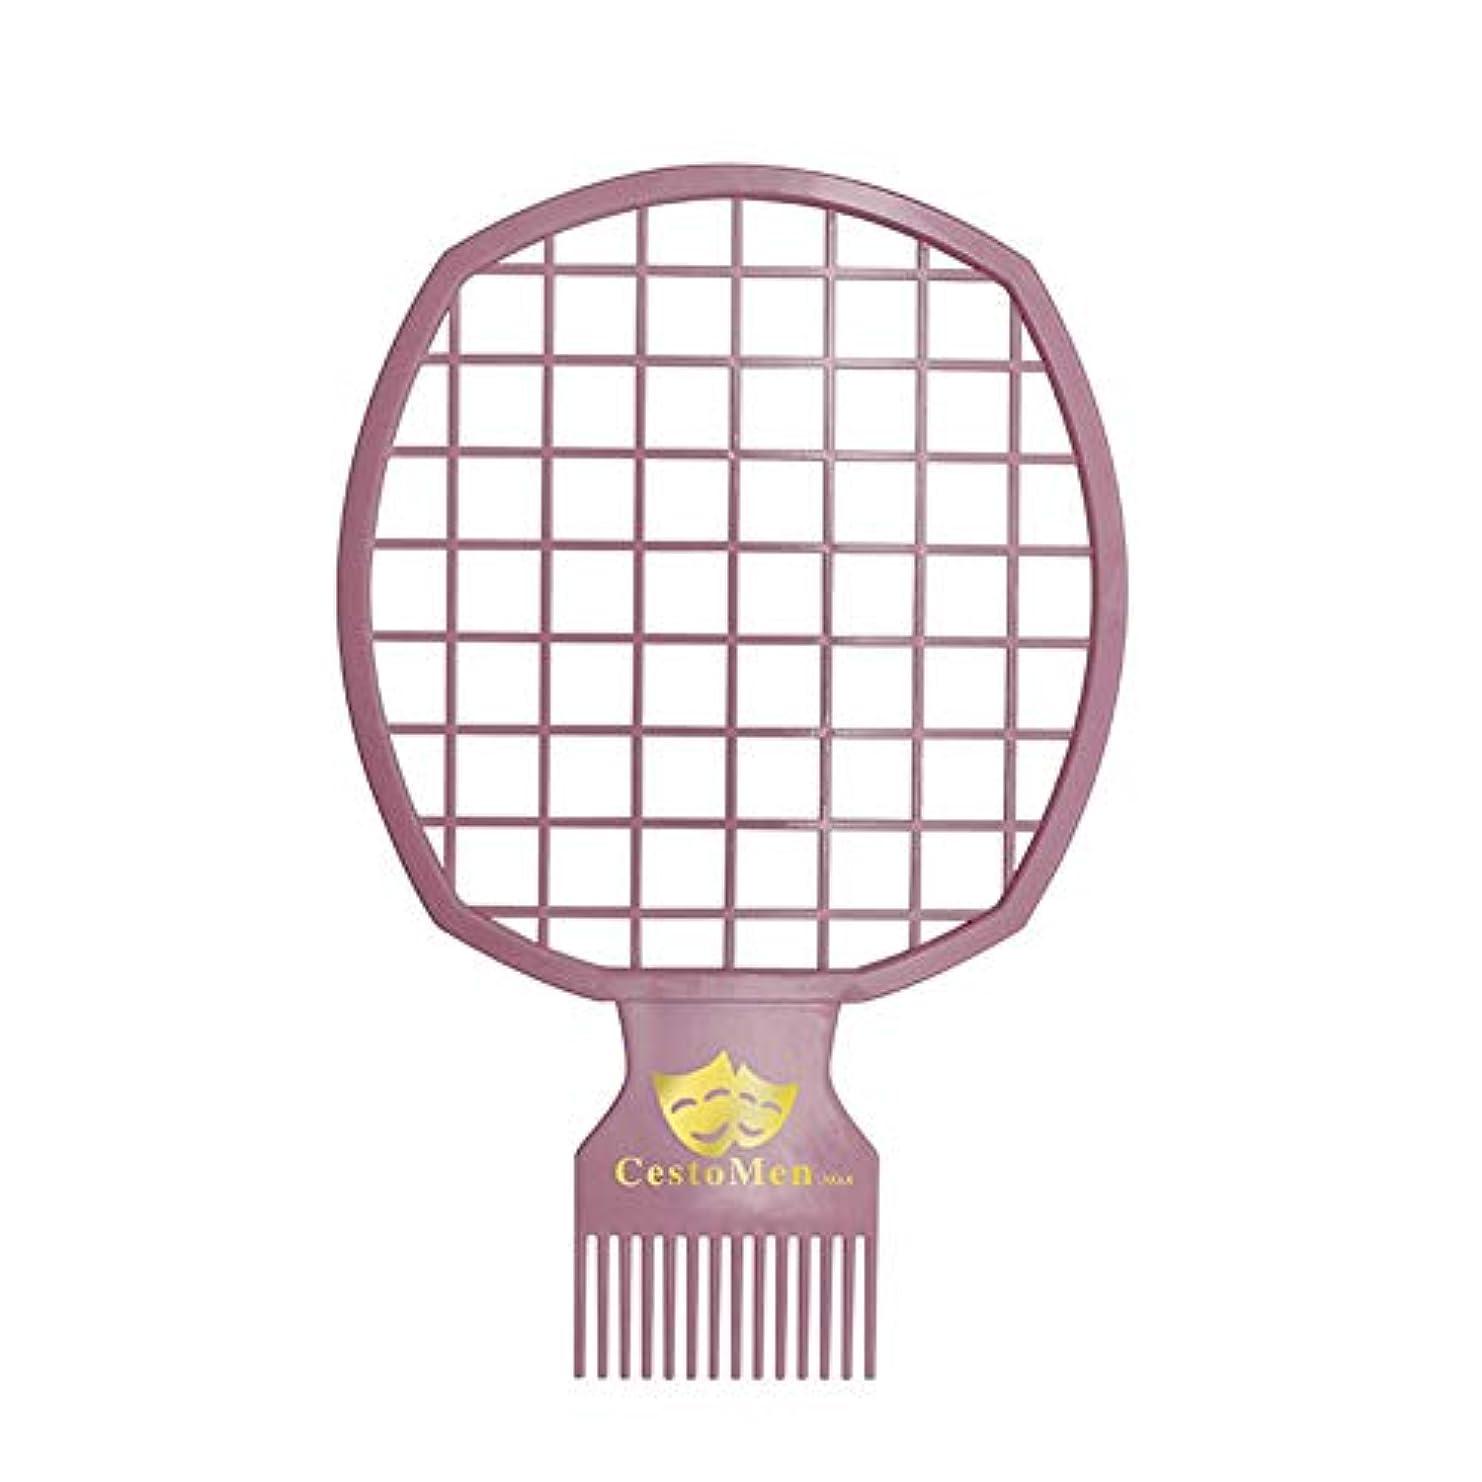 ステープル写真を描く永遠のACHICOO ヘアコーム 2 in 1 多機能 アフロツイスト 理髪 アフロコーム ツイストウェーブ カール ブラシ コーム 男性 メンズ  ピンク